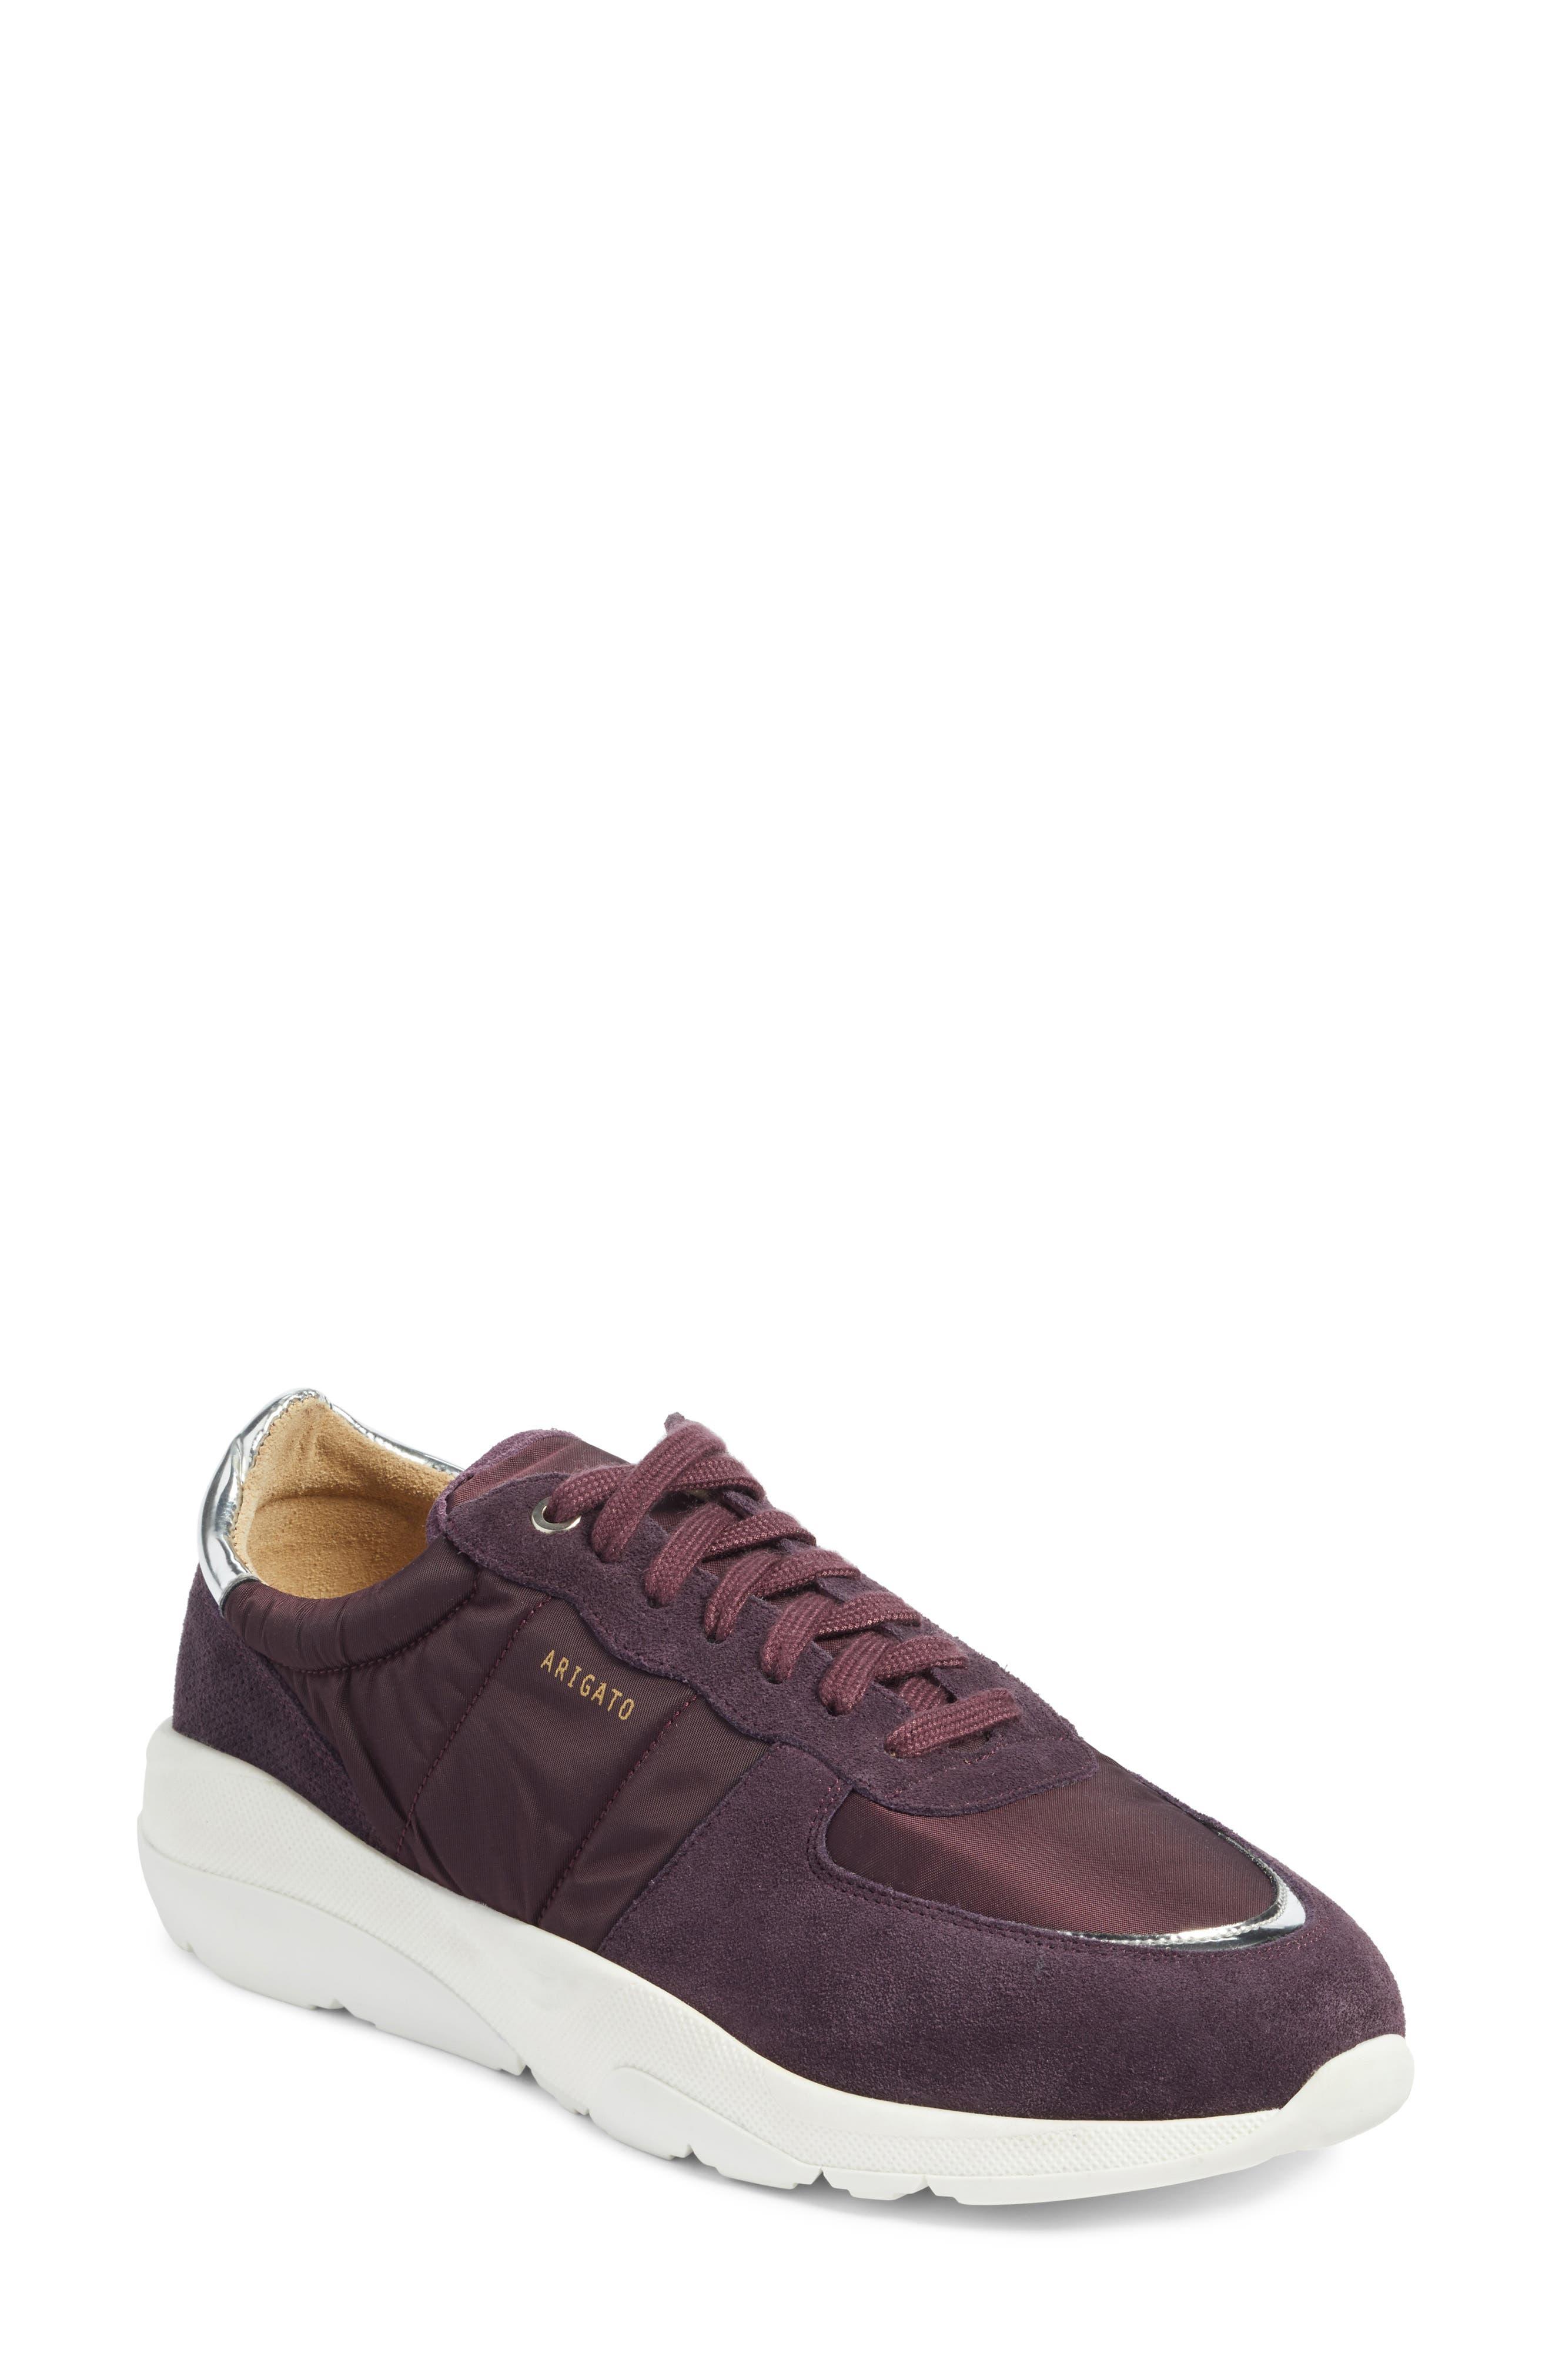 Geo Sneaker,                             Main thumbnail 1, color,                             500